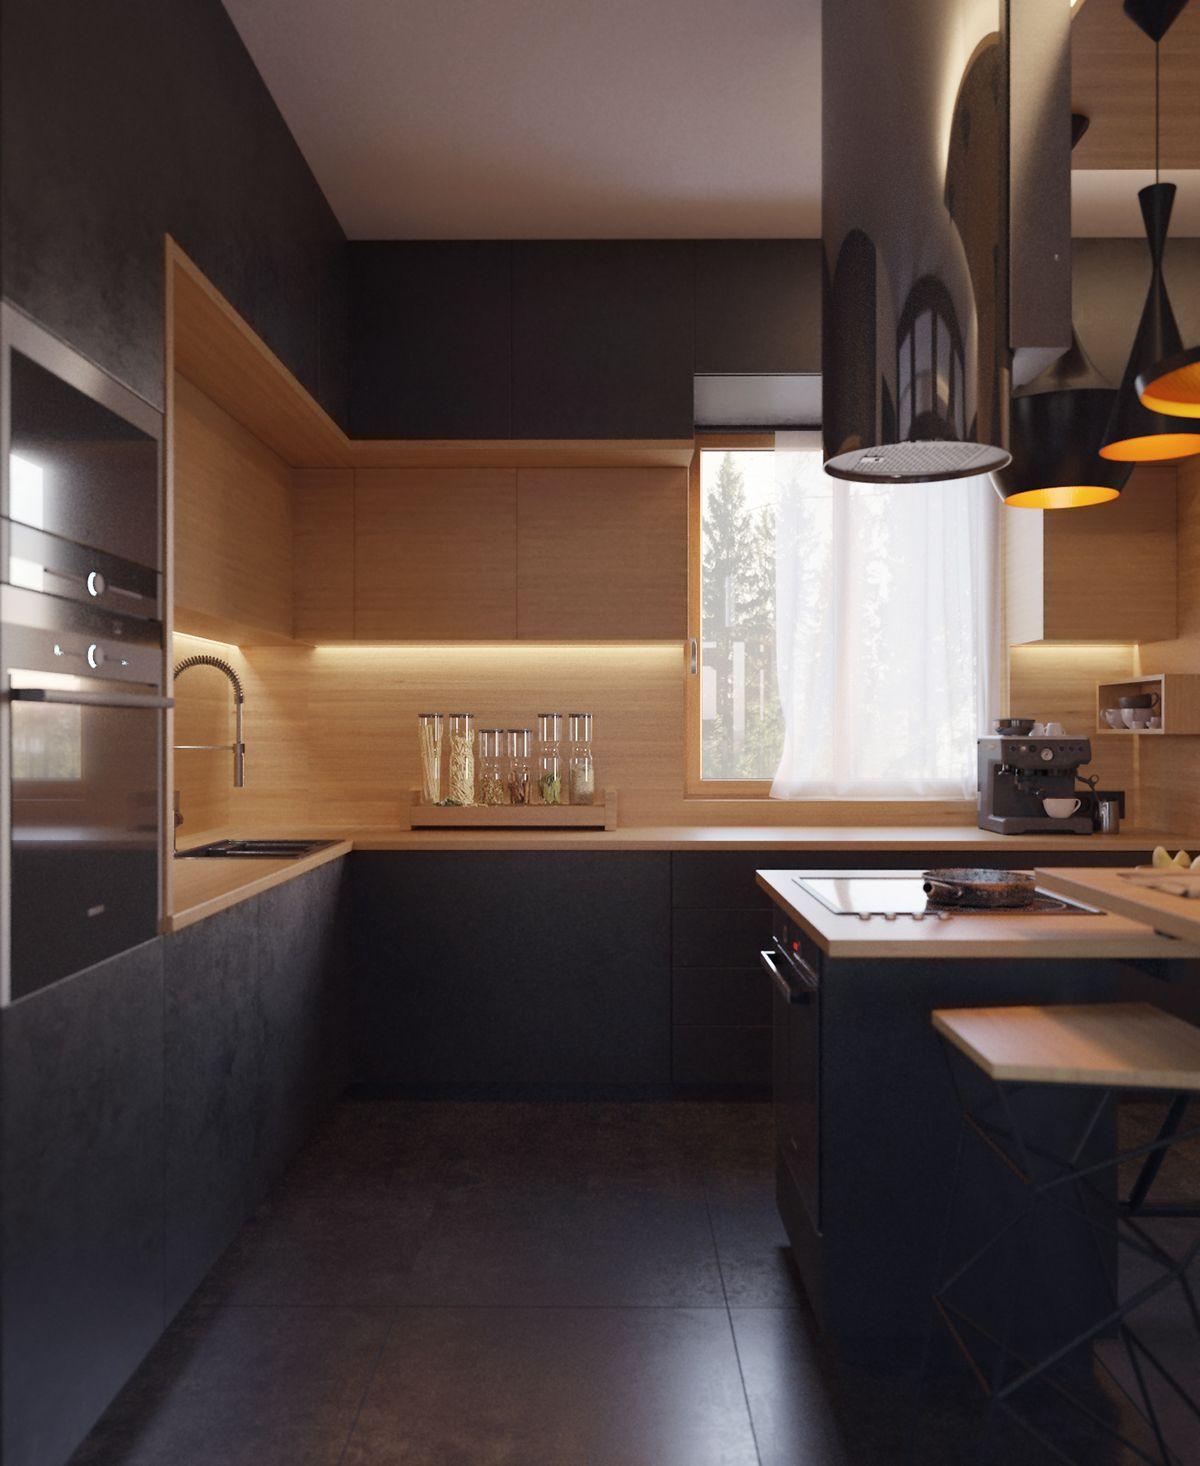 Black kitchen on Behance | Interior design | Pinterest | Küche ...